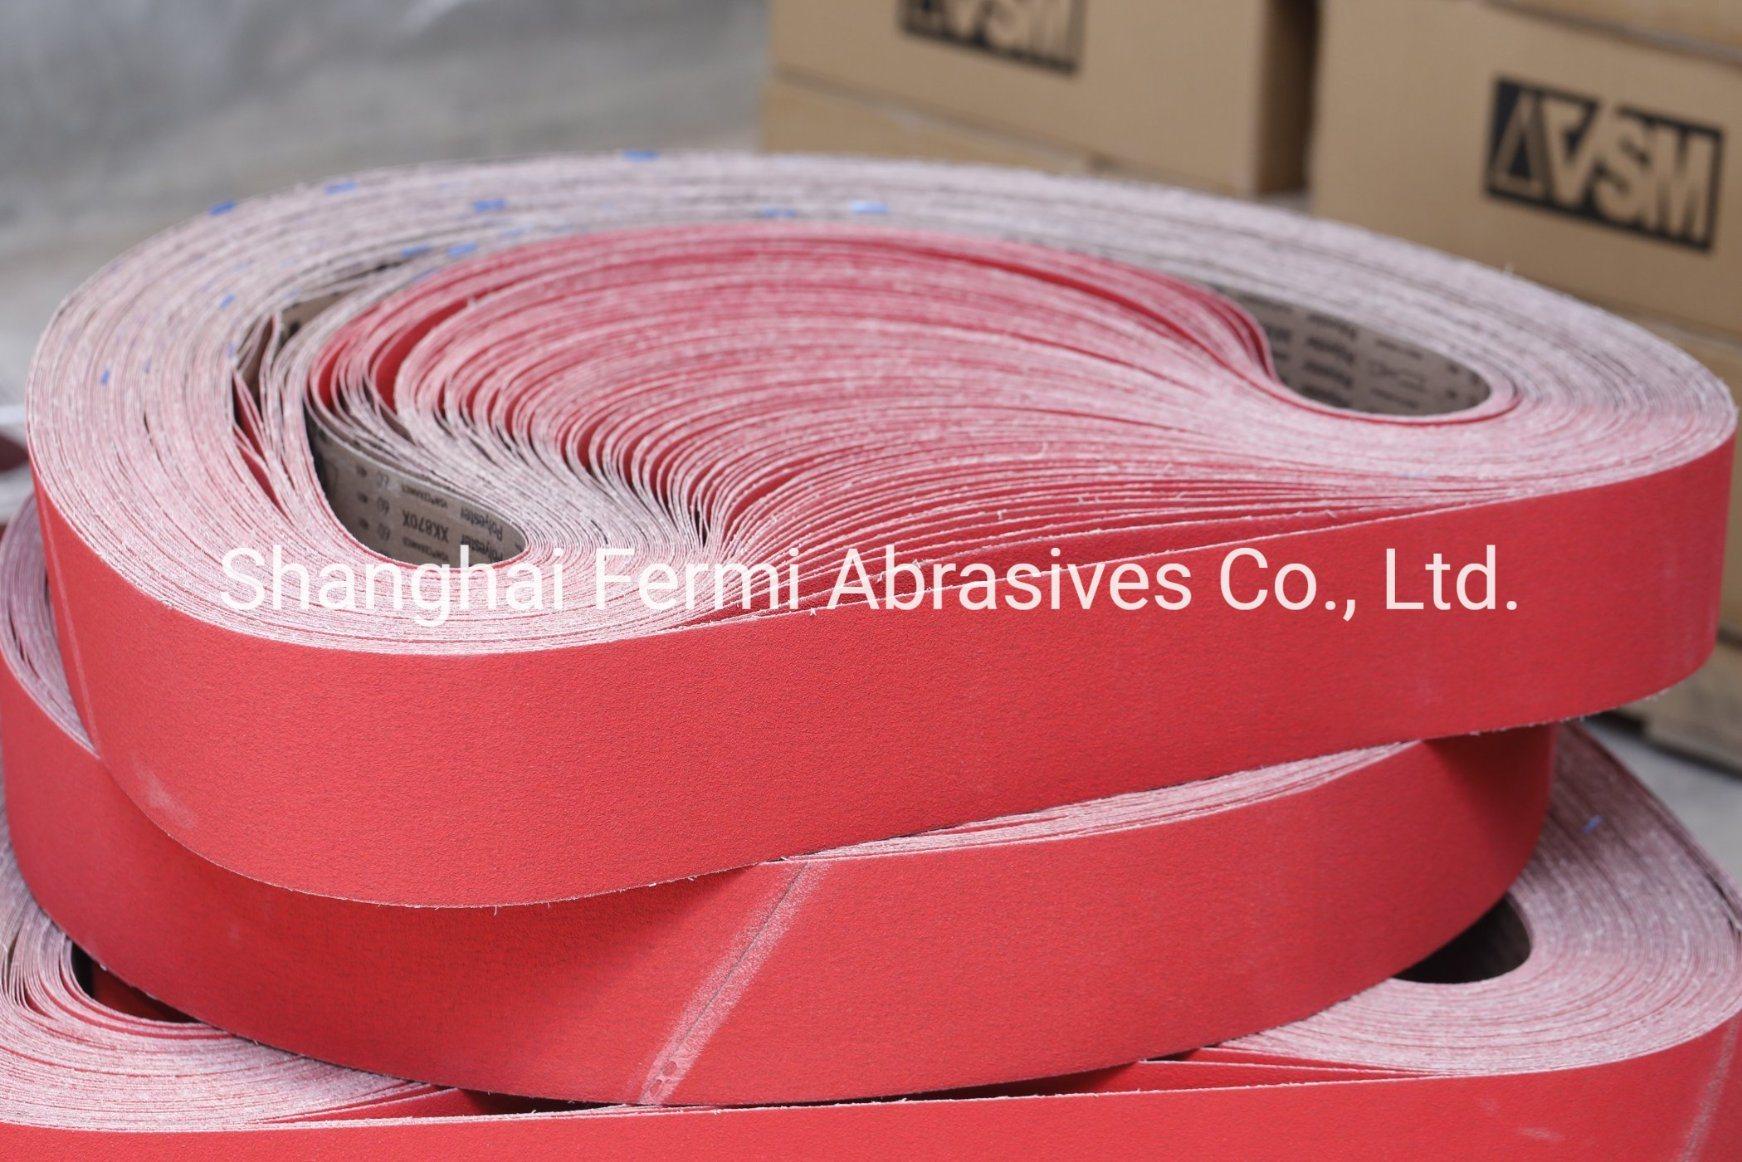 China Vsm Xk870x Ceramic Sanding Belts For Stainless Steel China Abrasive Belt Sanding Belt